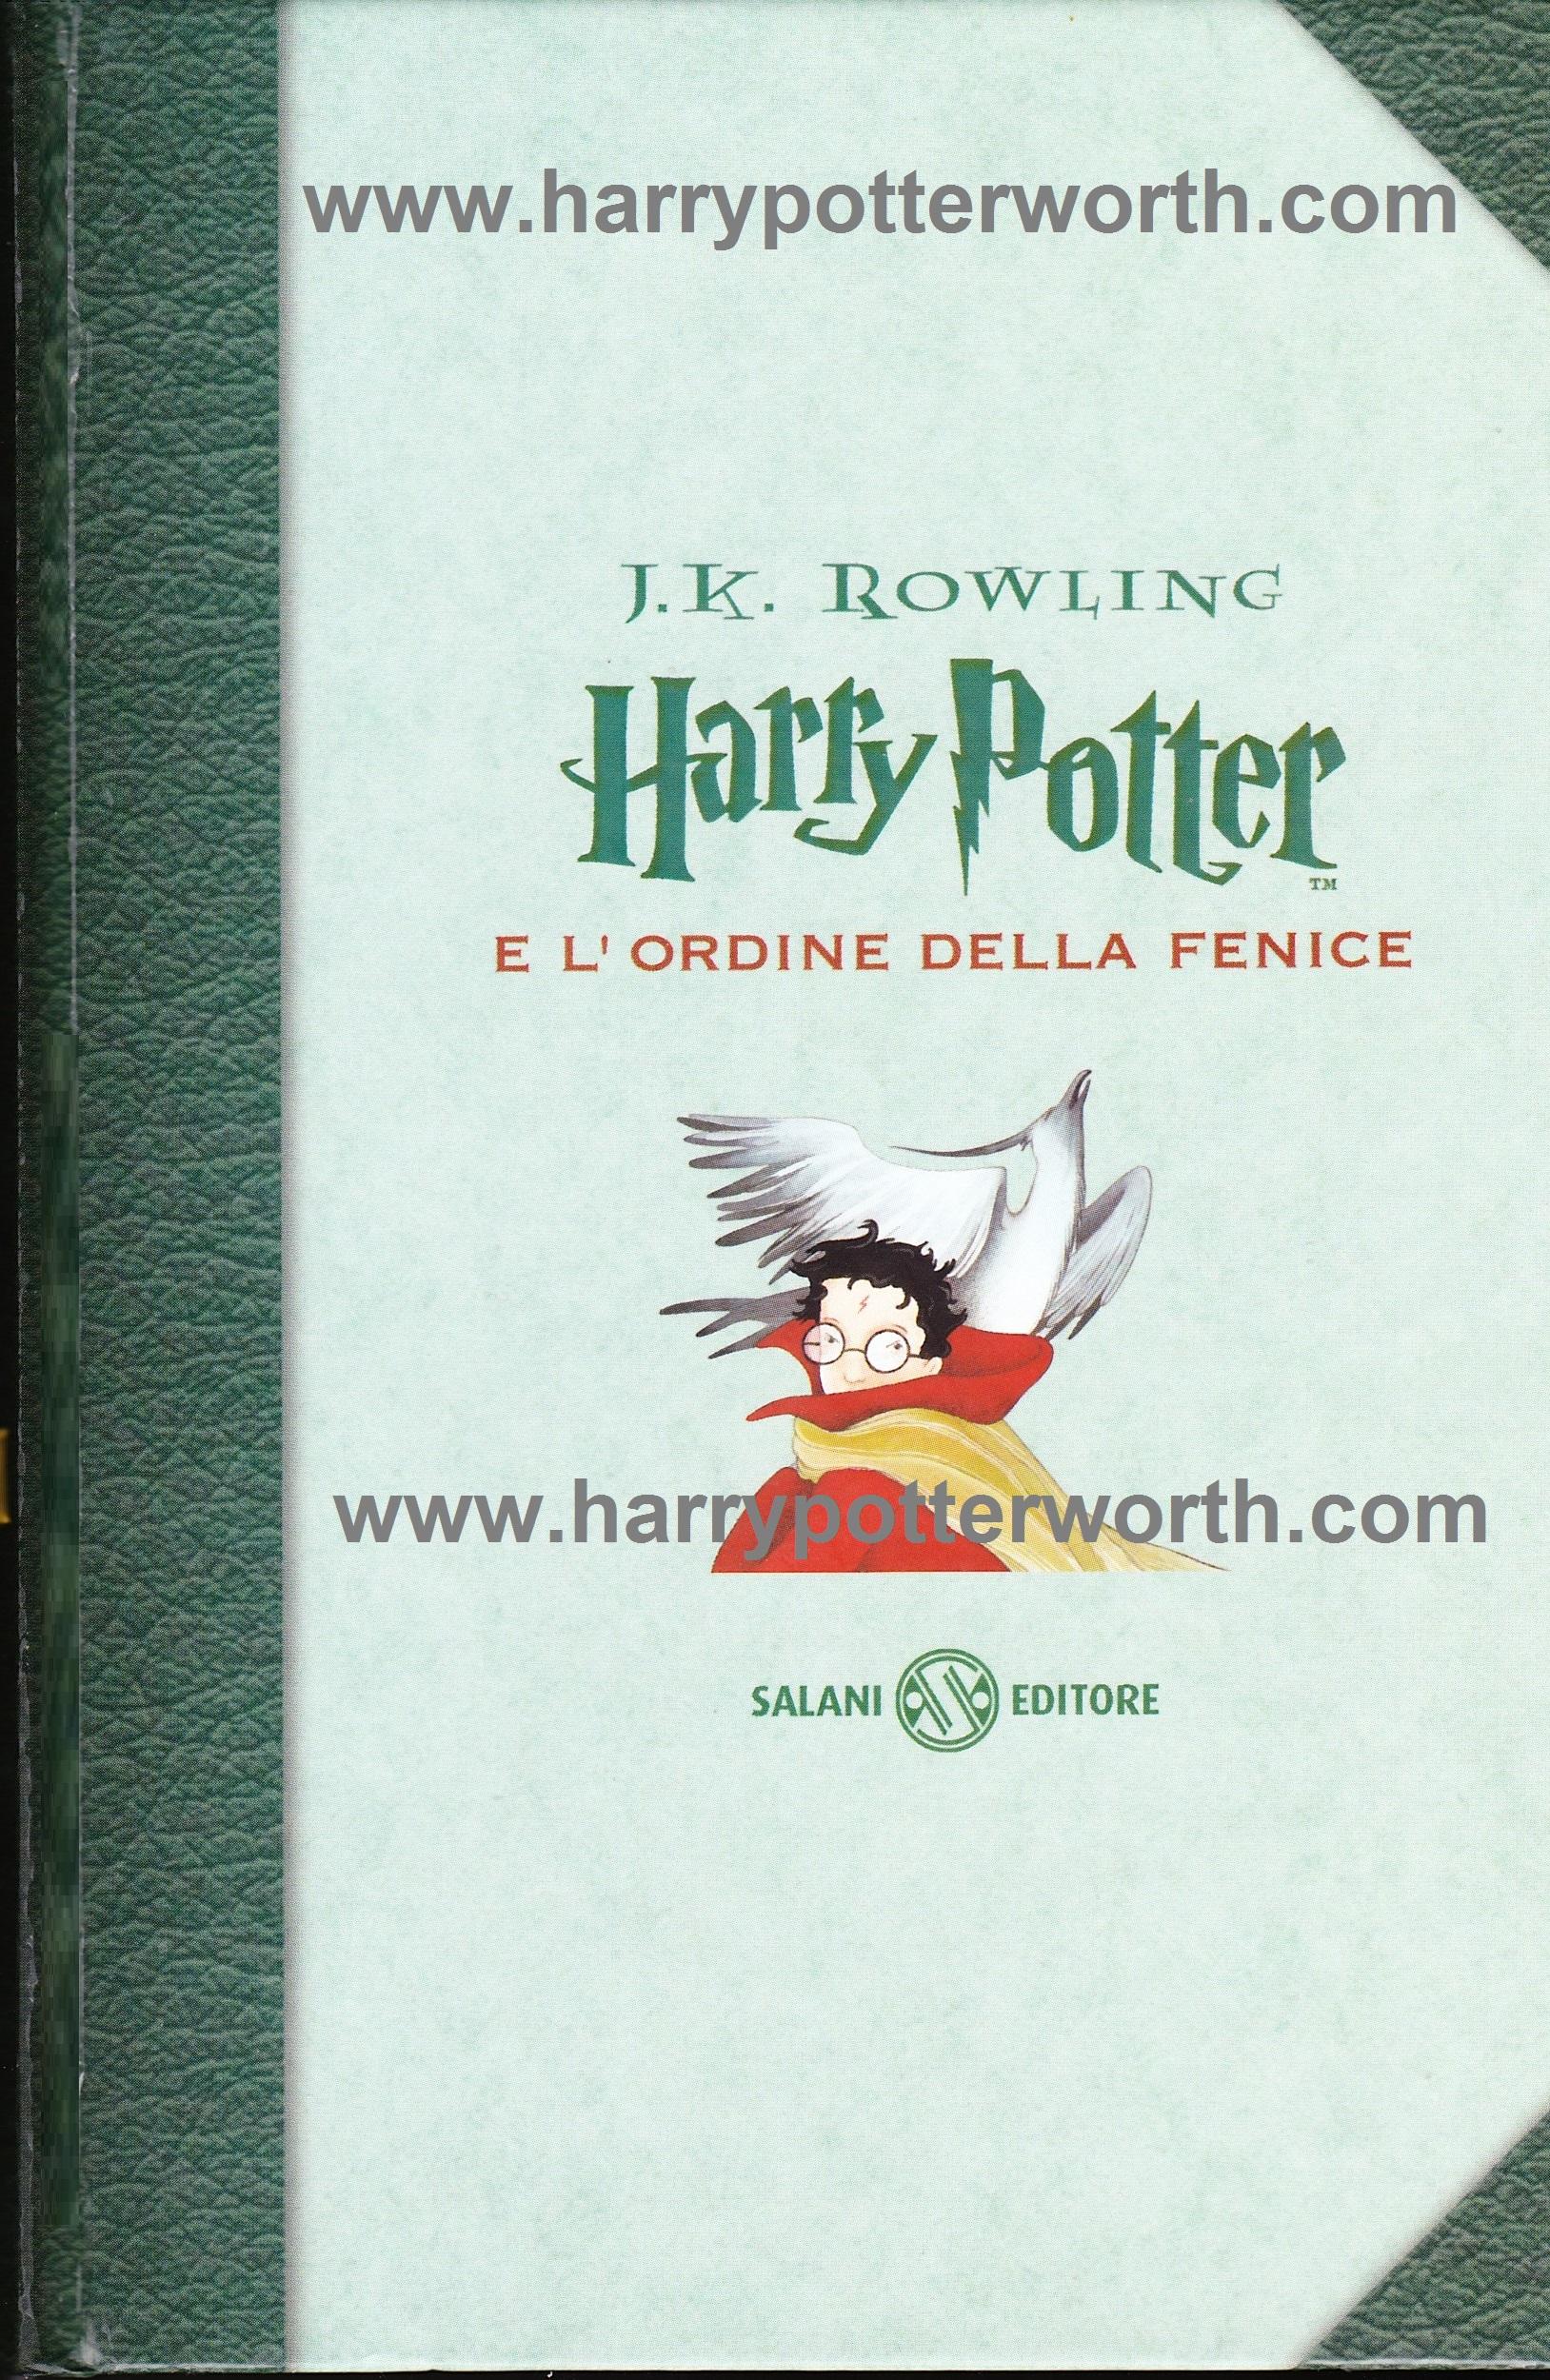 Harry Potter e l'Ordine della Fenice Edizione Motto Hogwarts 2007 - Fronte